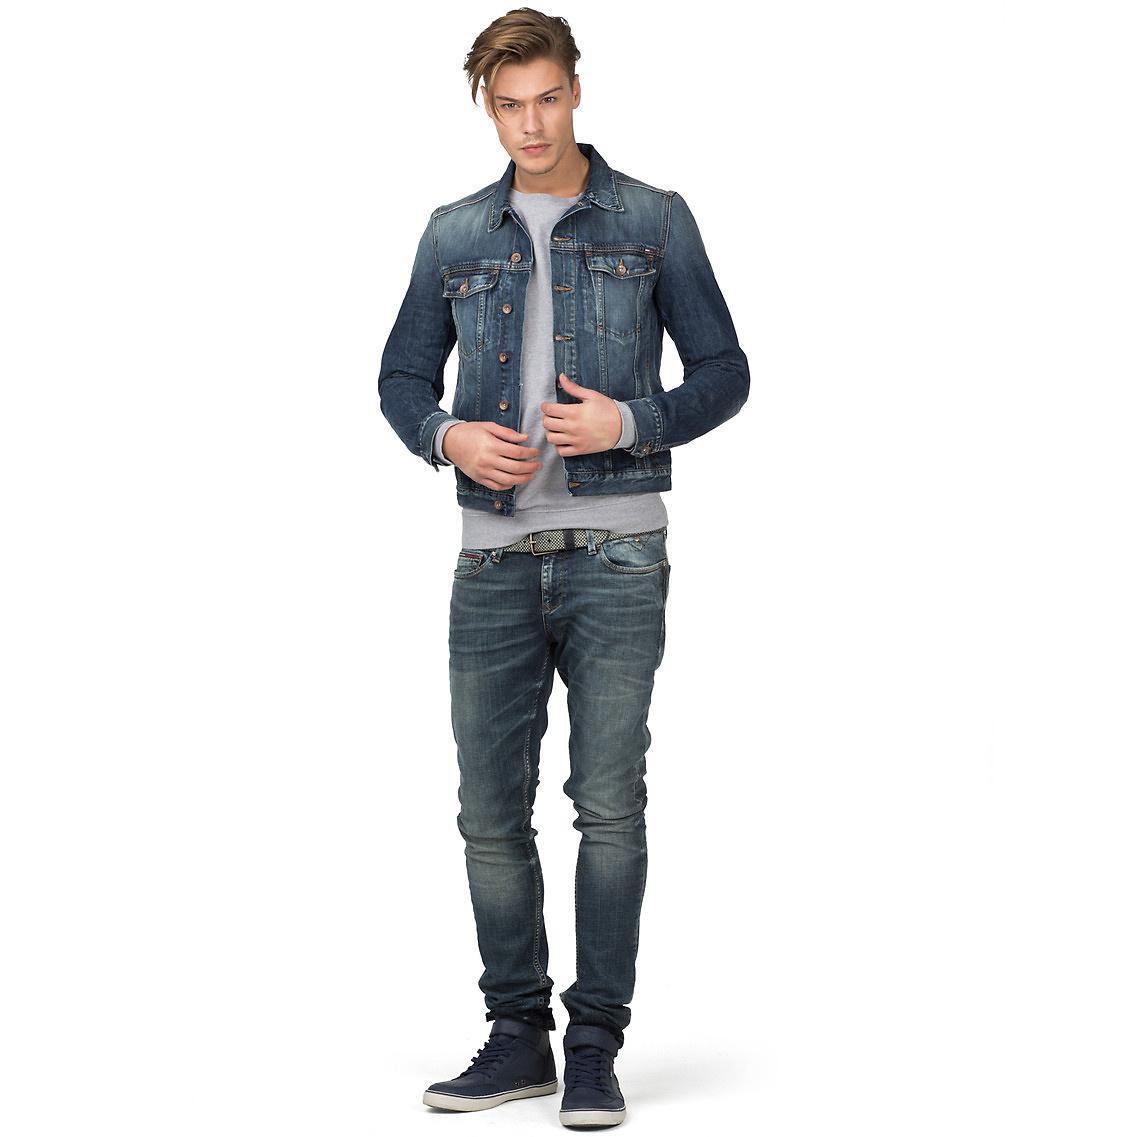 tommy hilfiger iggy denim jacket in blue for men lyst. Black Bedroom Furniture Sets. Home Design Ideas